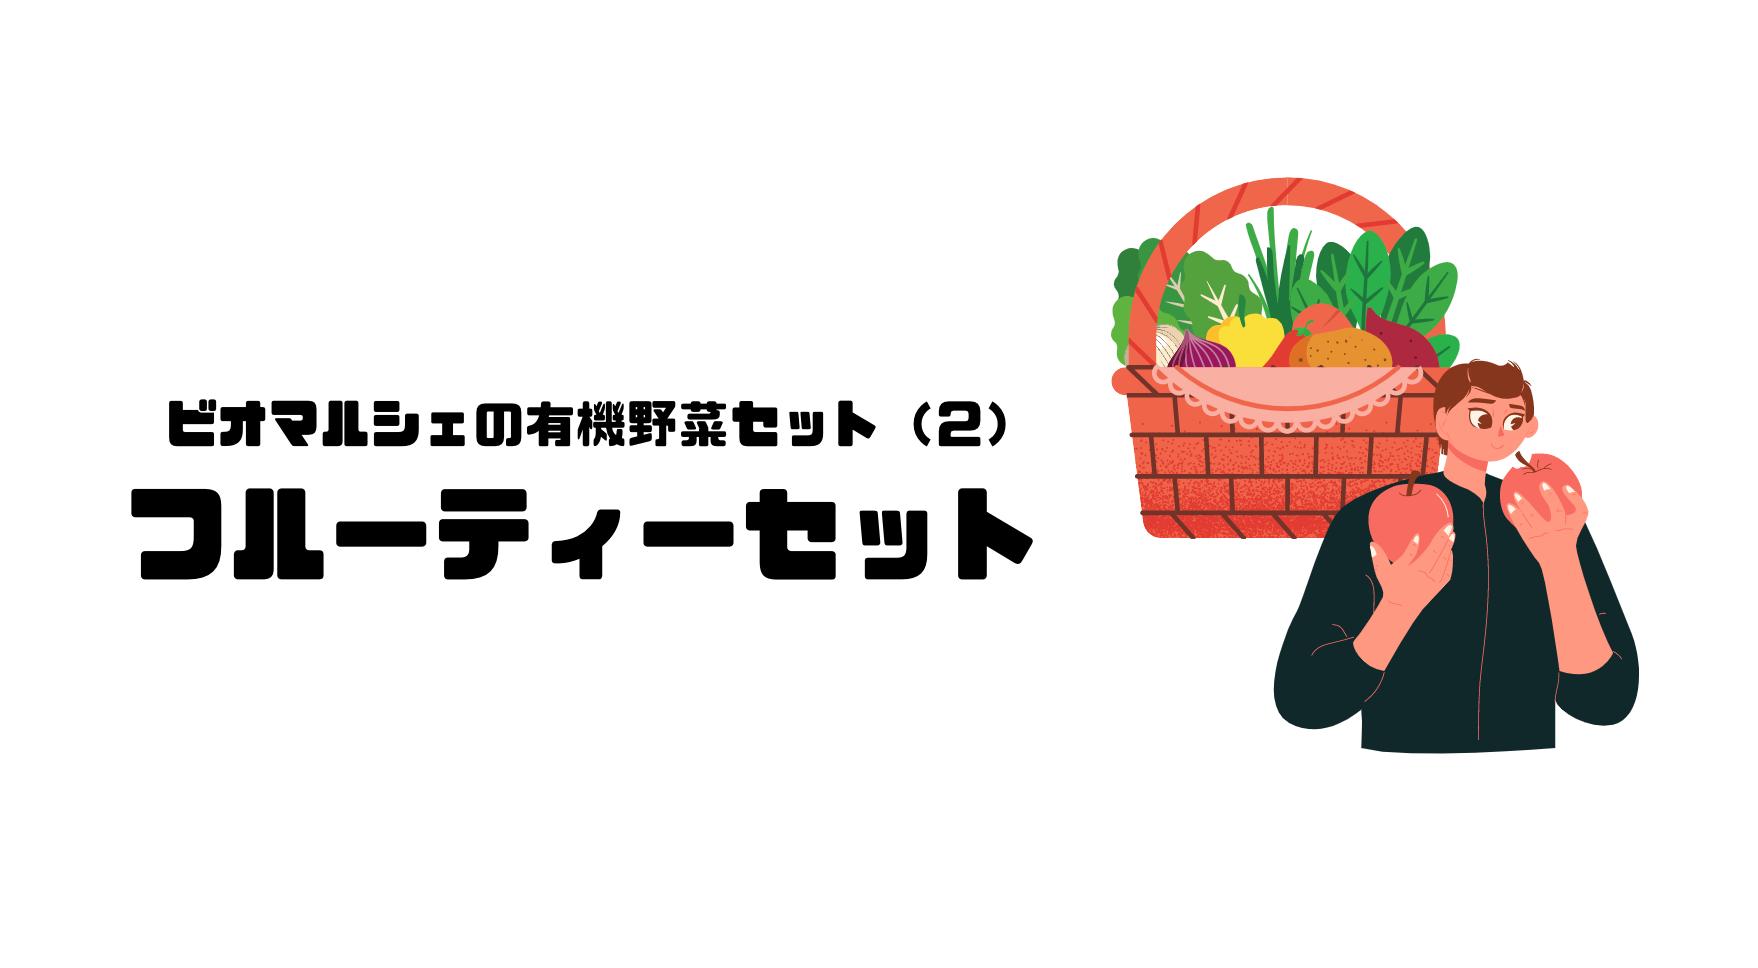 ビオマルシェ_評判_口コミ_選べる有機野菜セット_フルーティーセット